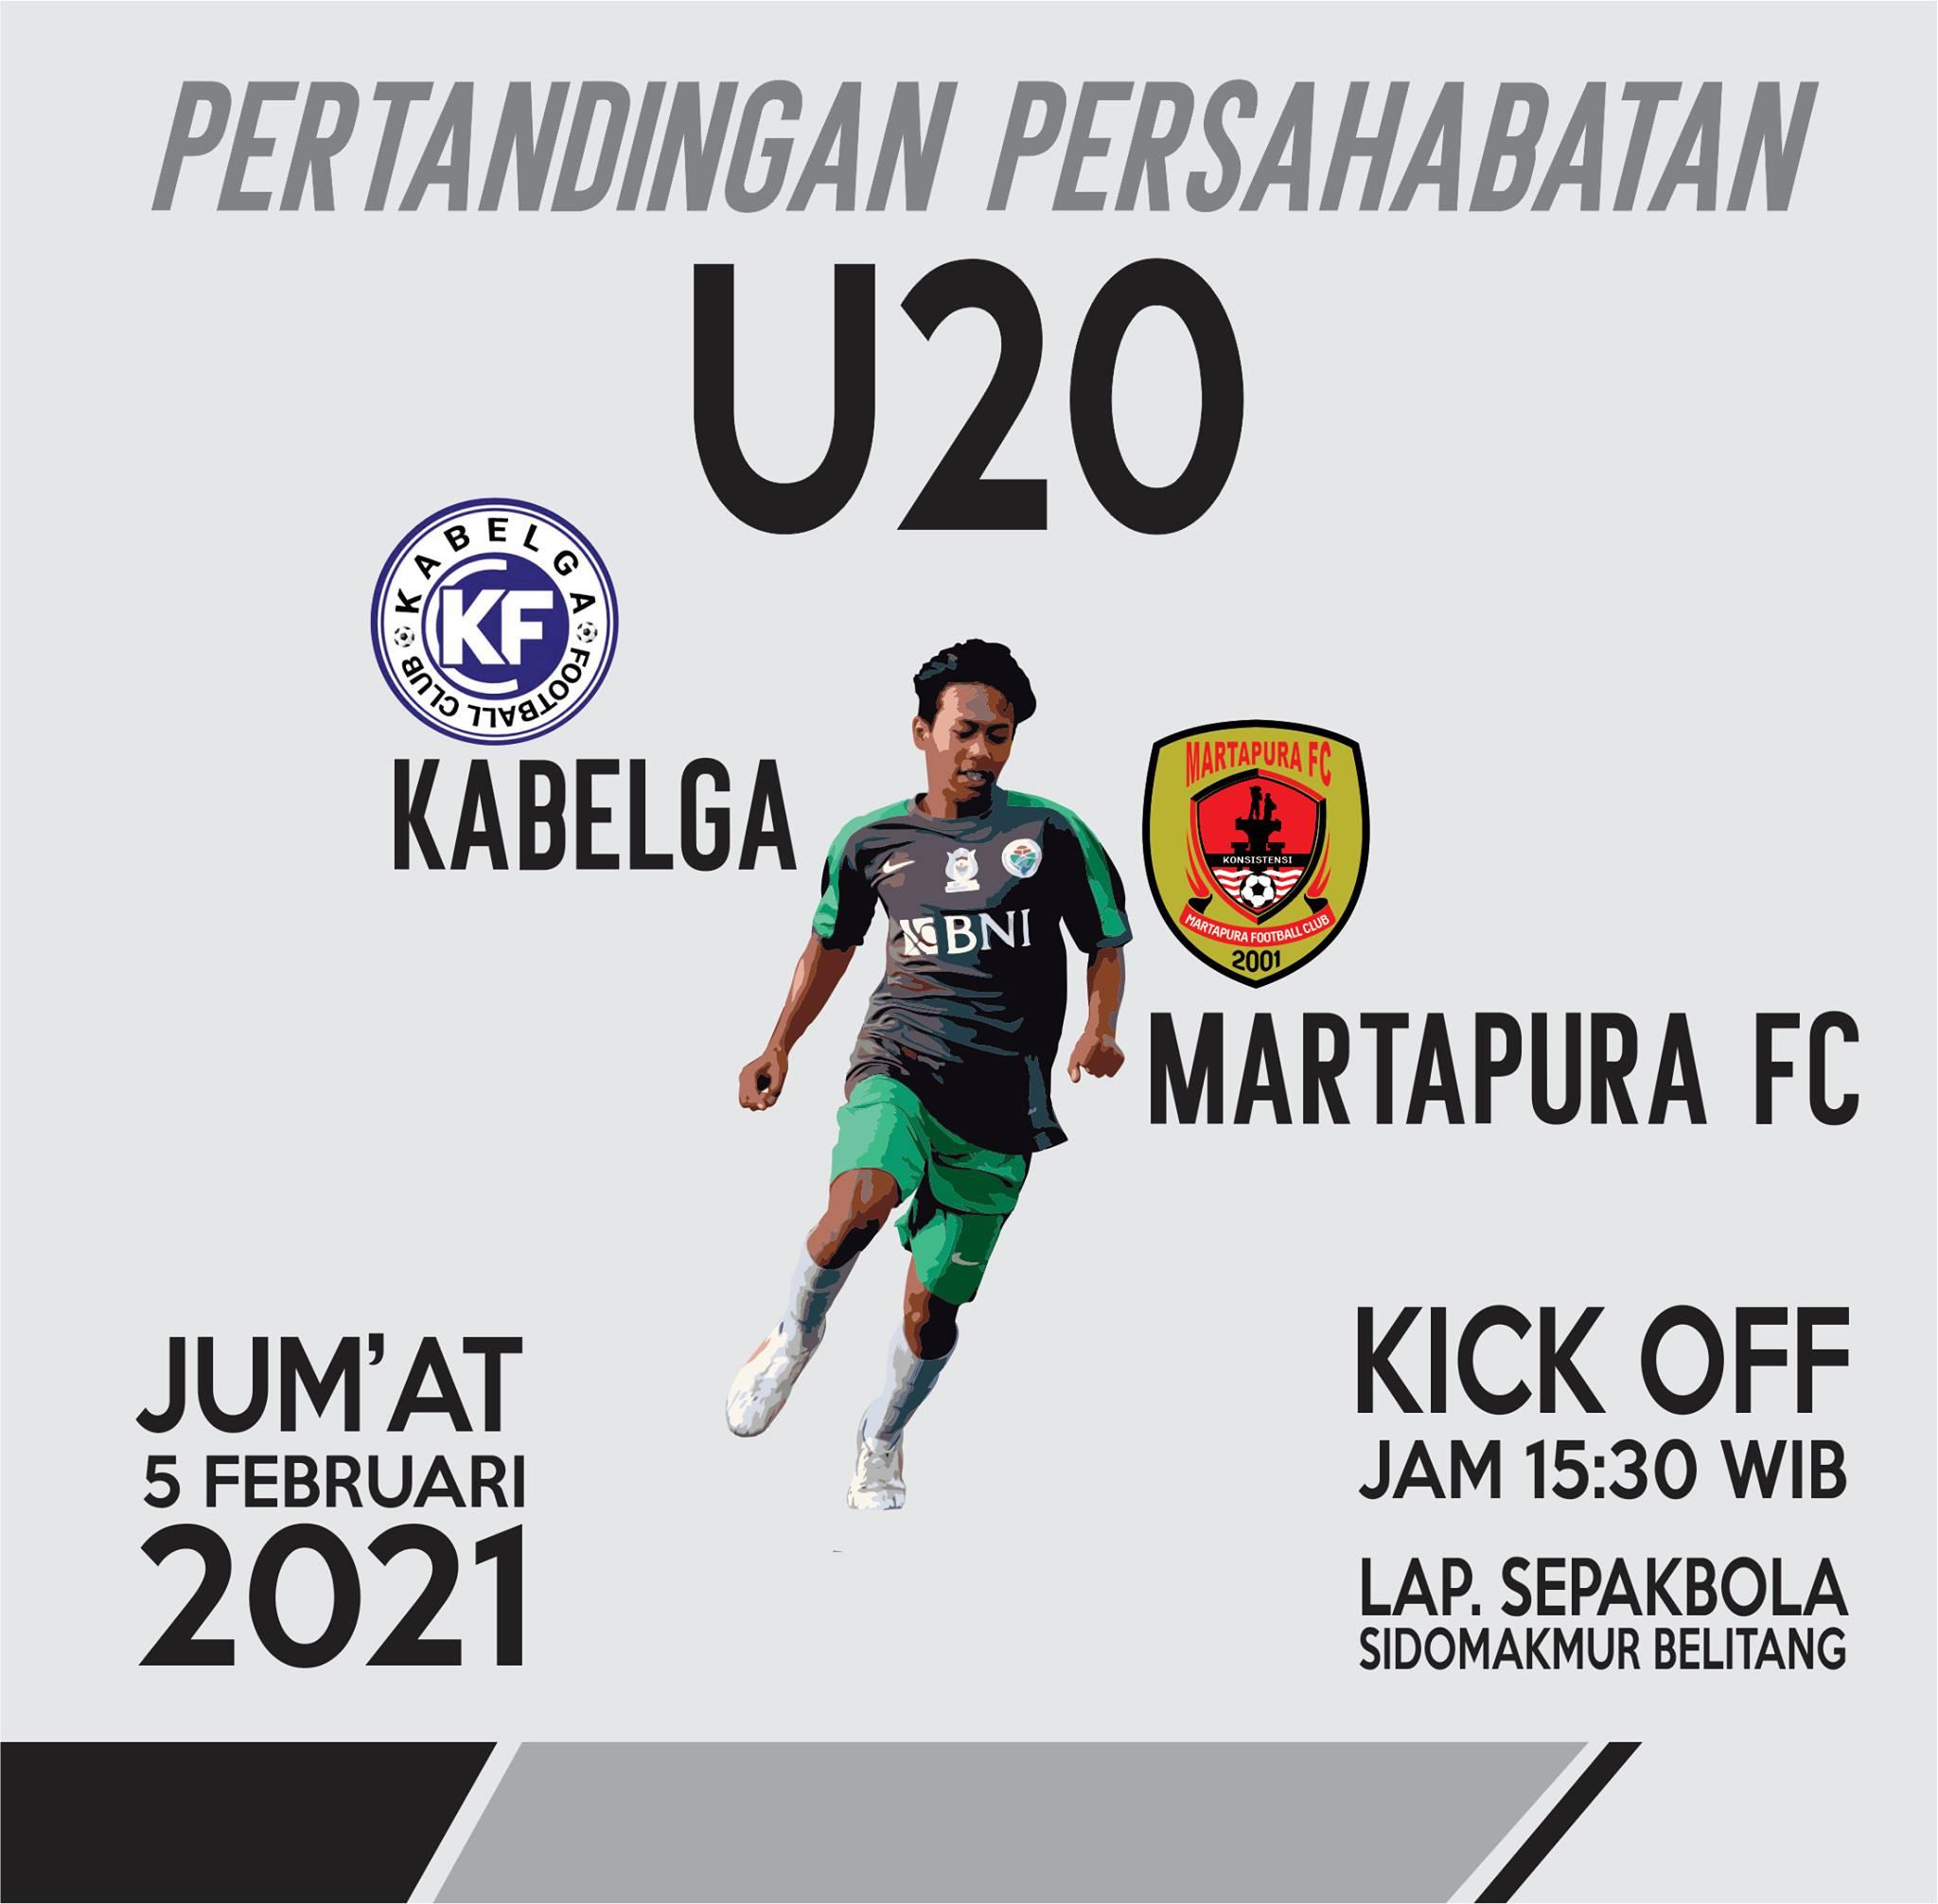 Jadwal Pertandingan Persahabatan Martapura FC dengan Kabelga FC, di Lapangan Sepakbola Desa Sidomakmur.